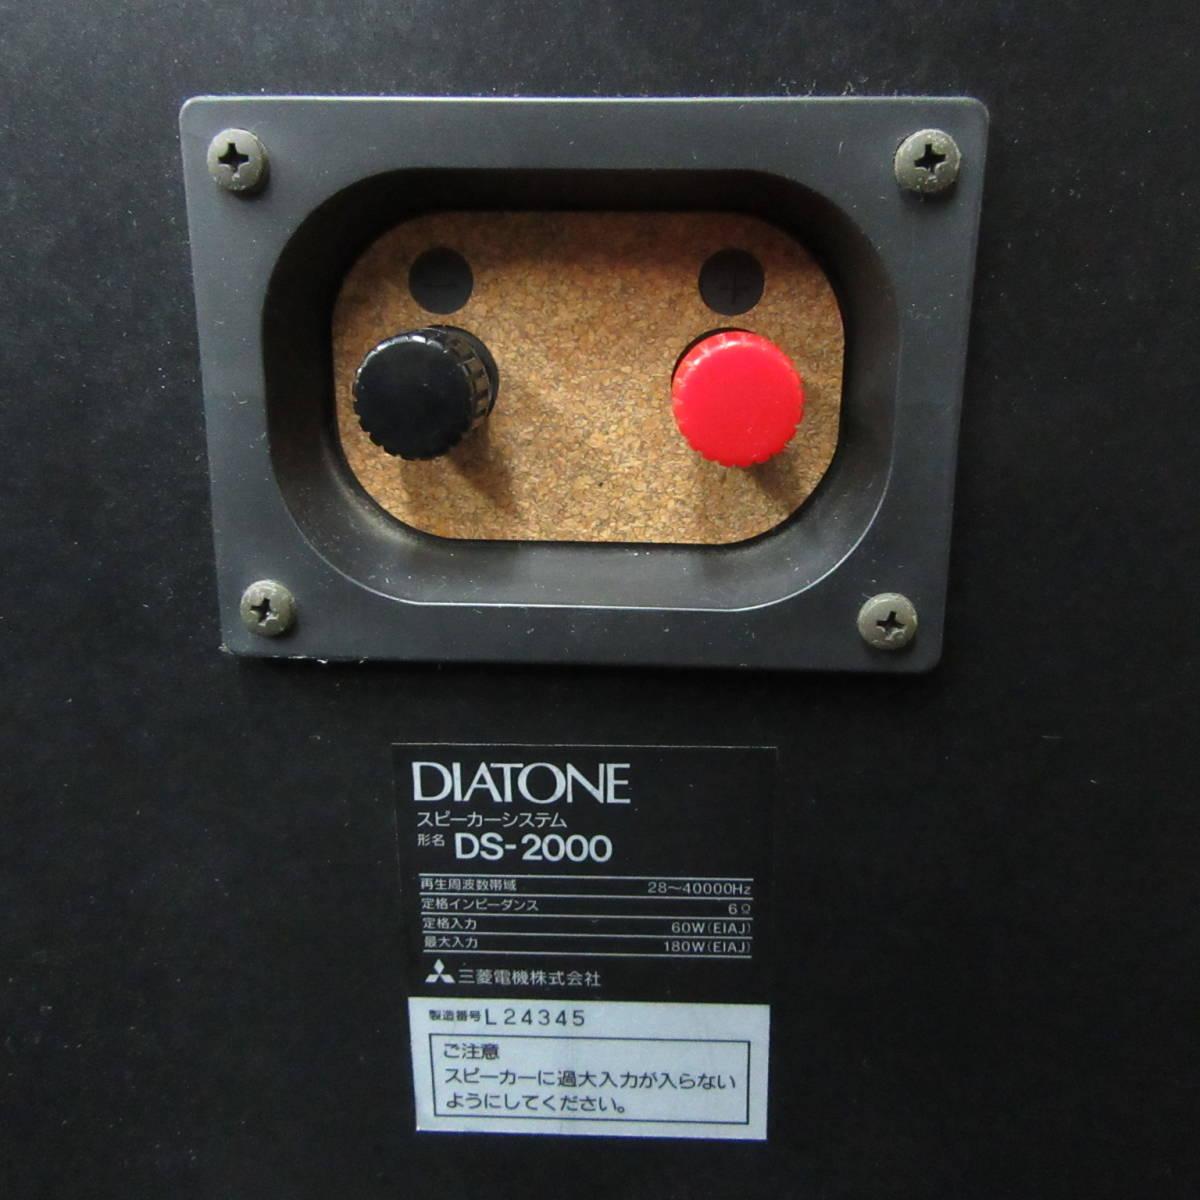 店頭引取歓迎 札幌発 DIATONE スピーカー DS-2000 3ウェイ3スピーカー ブックシェルフ型 オーディオ機器 ダイヤトーン 東KK_画像8